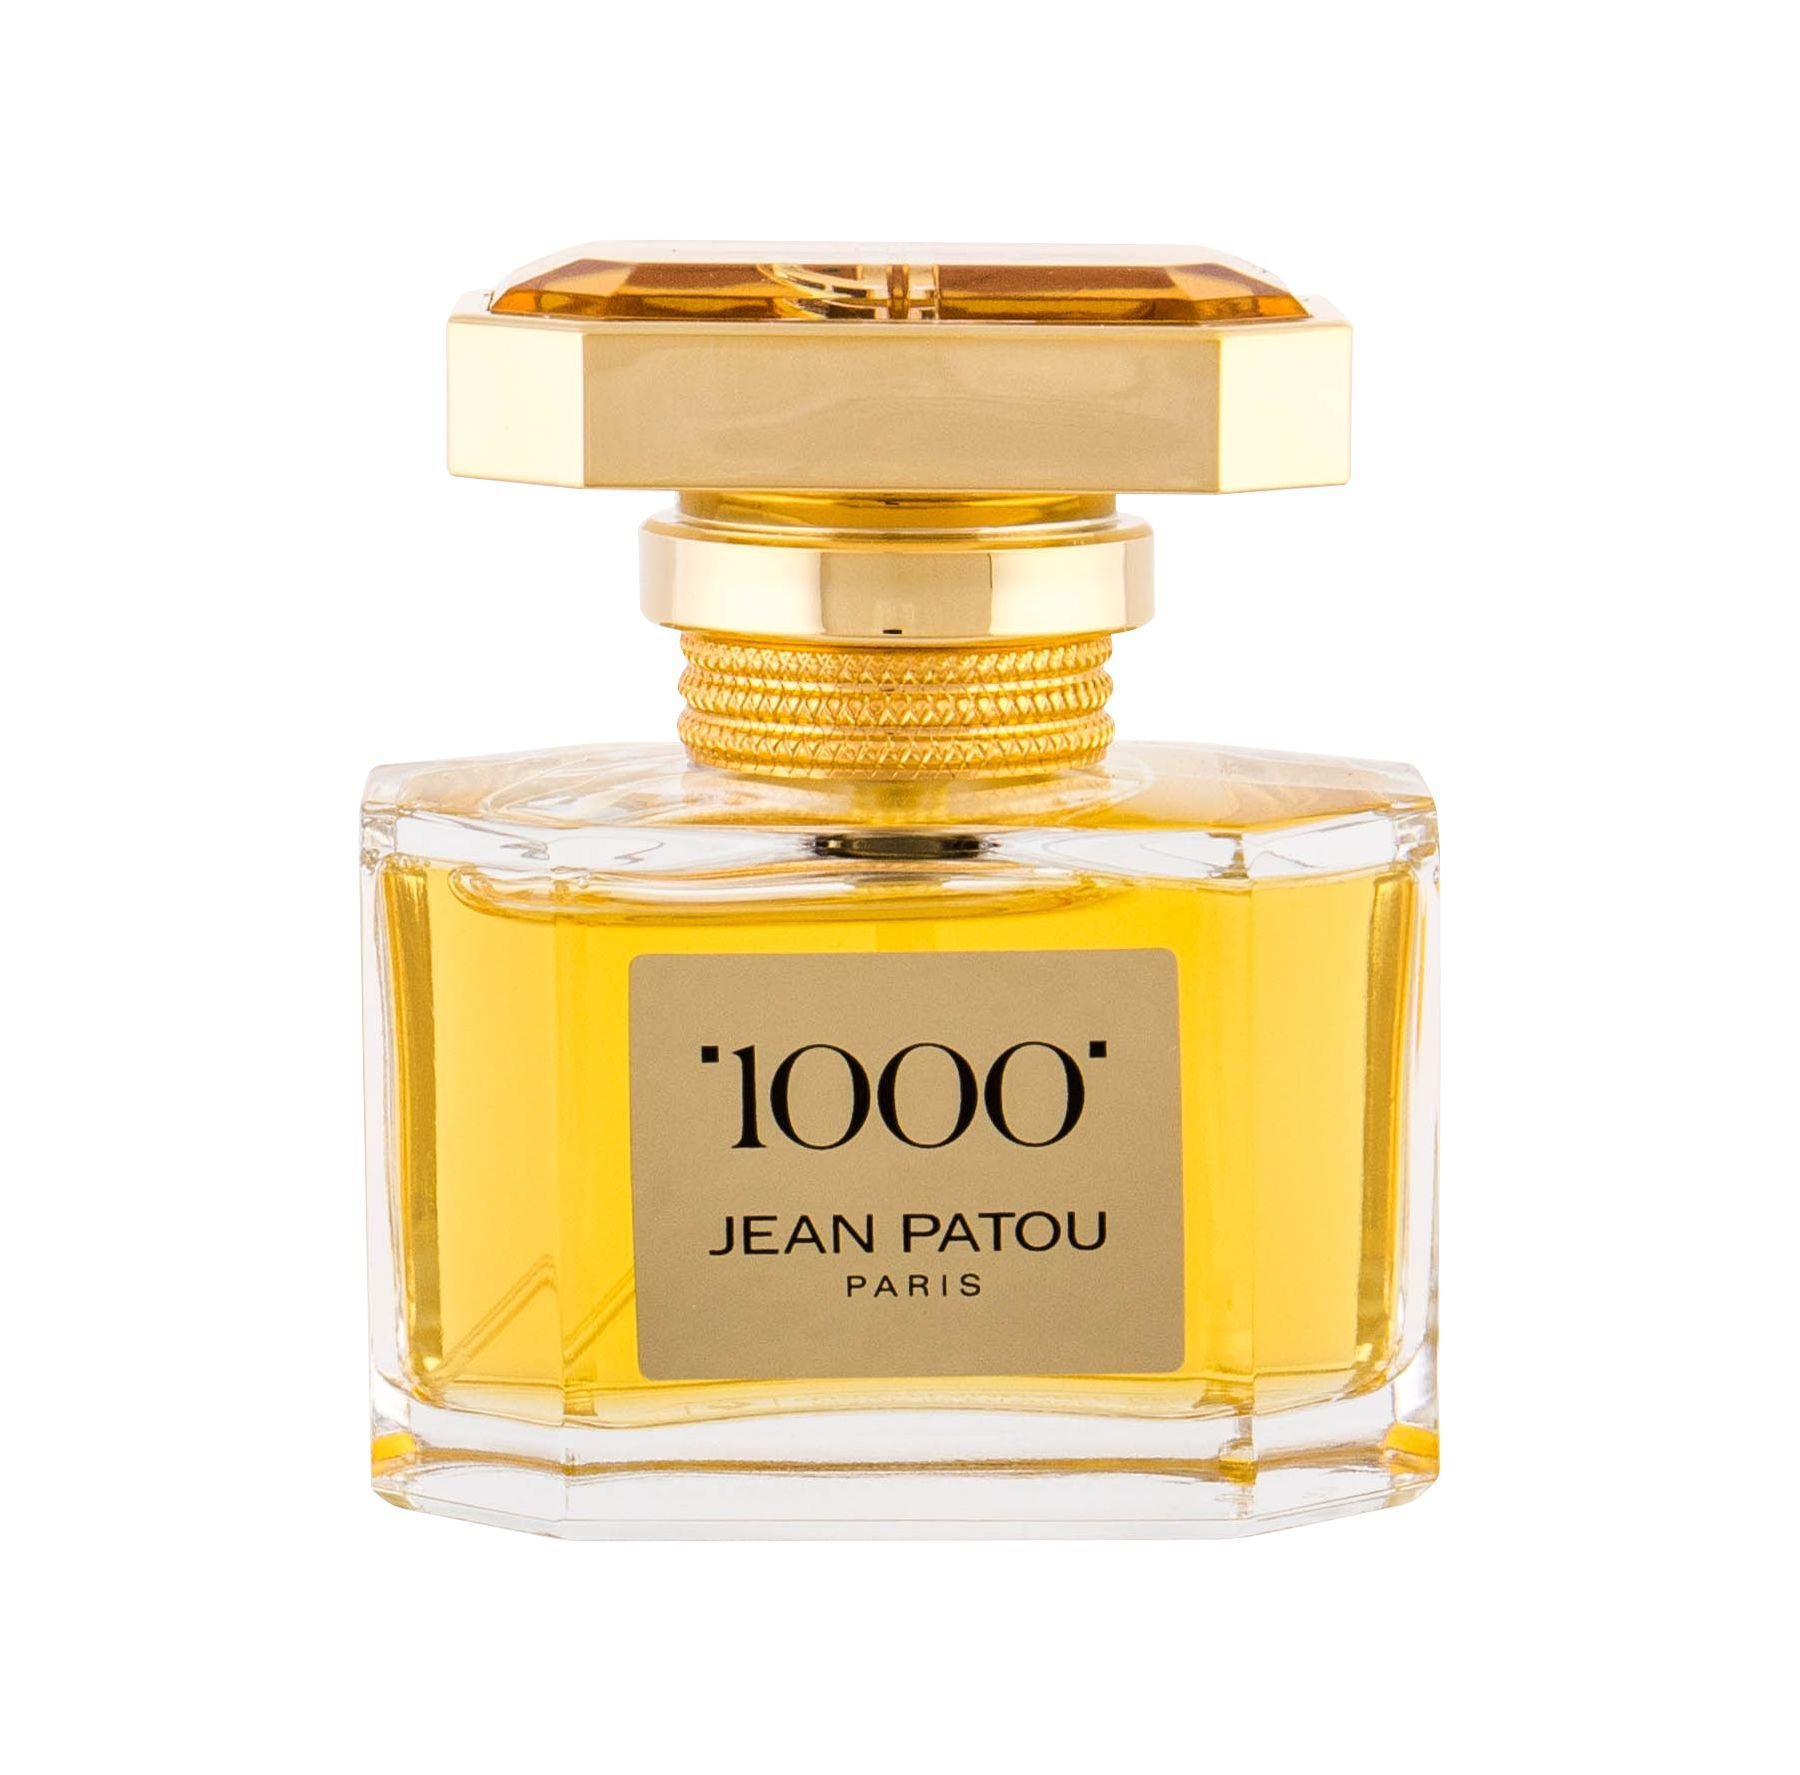 Jean Patou 1000 Eau de Parfum 30ml